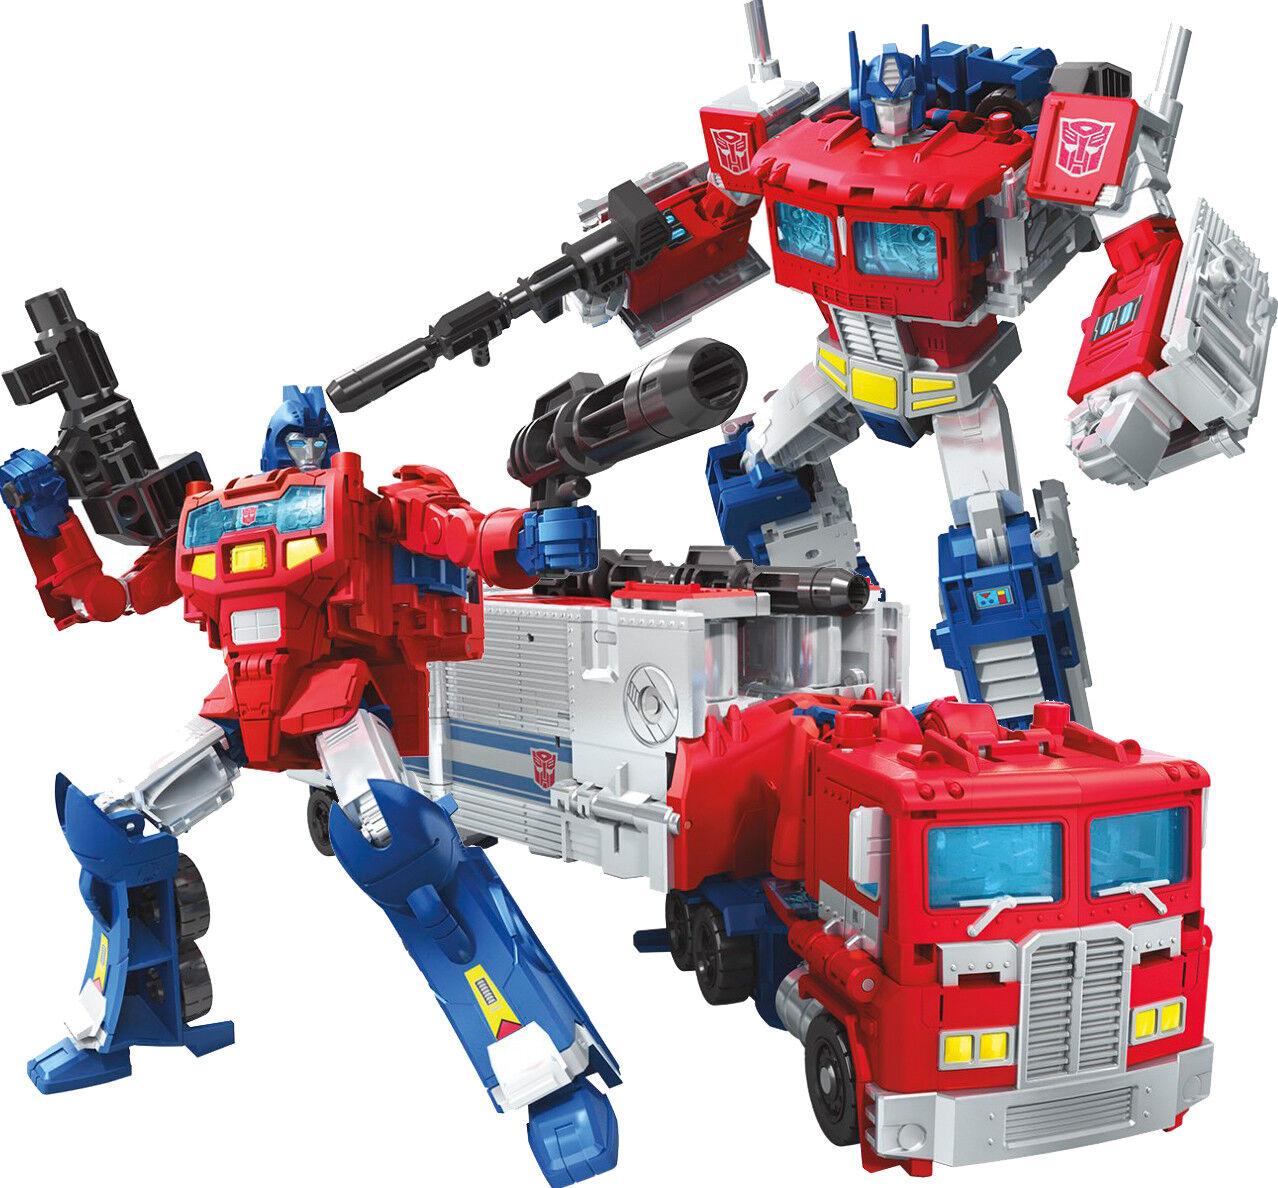 Die generationen macht der primes - anführer optimus prime orion pax neue